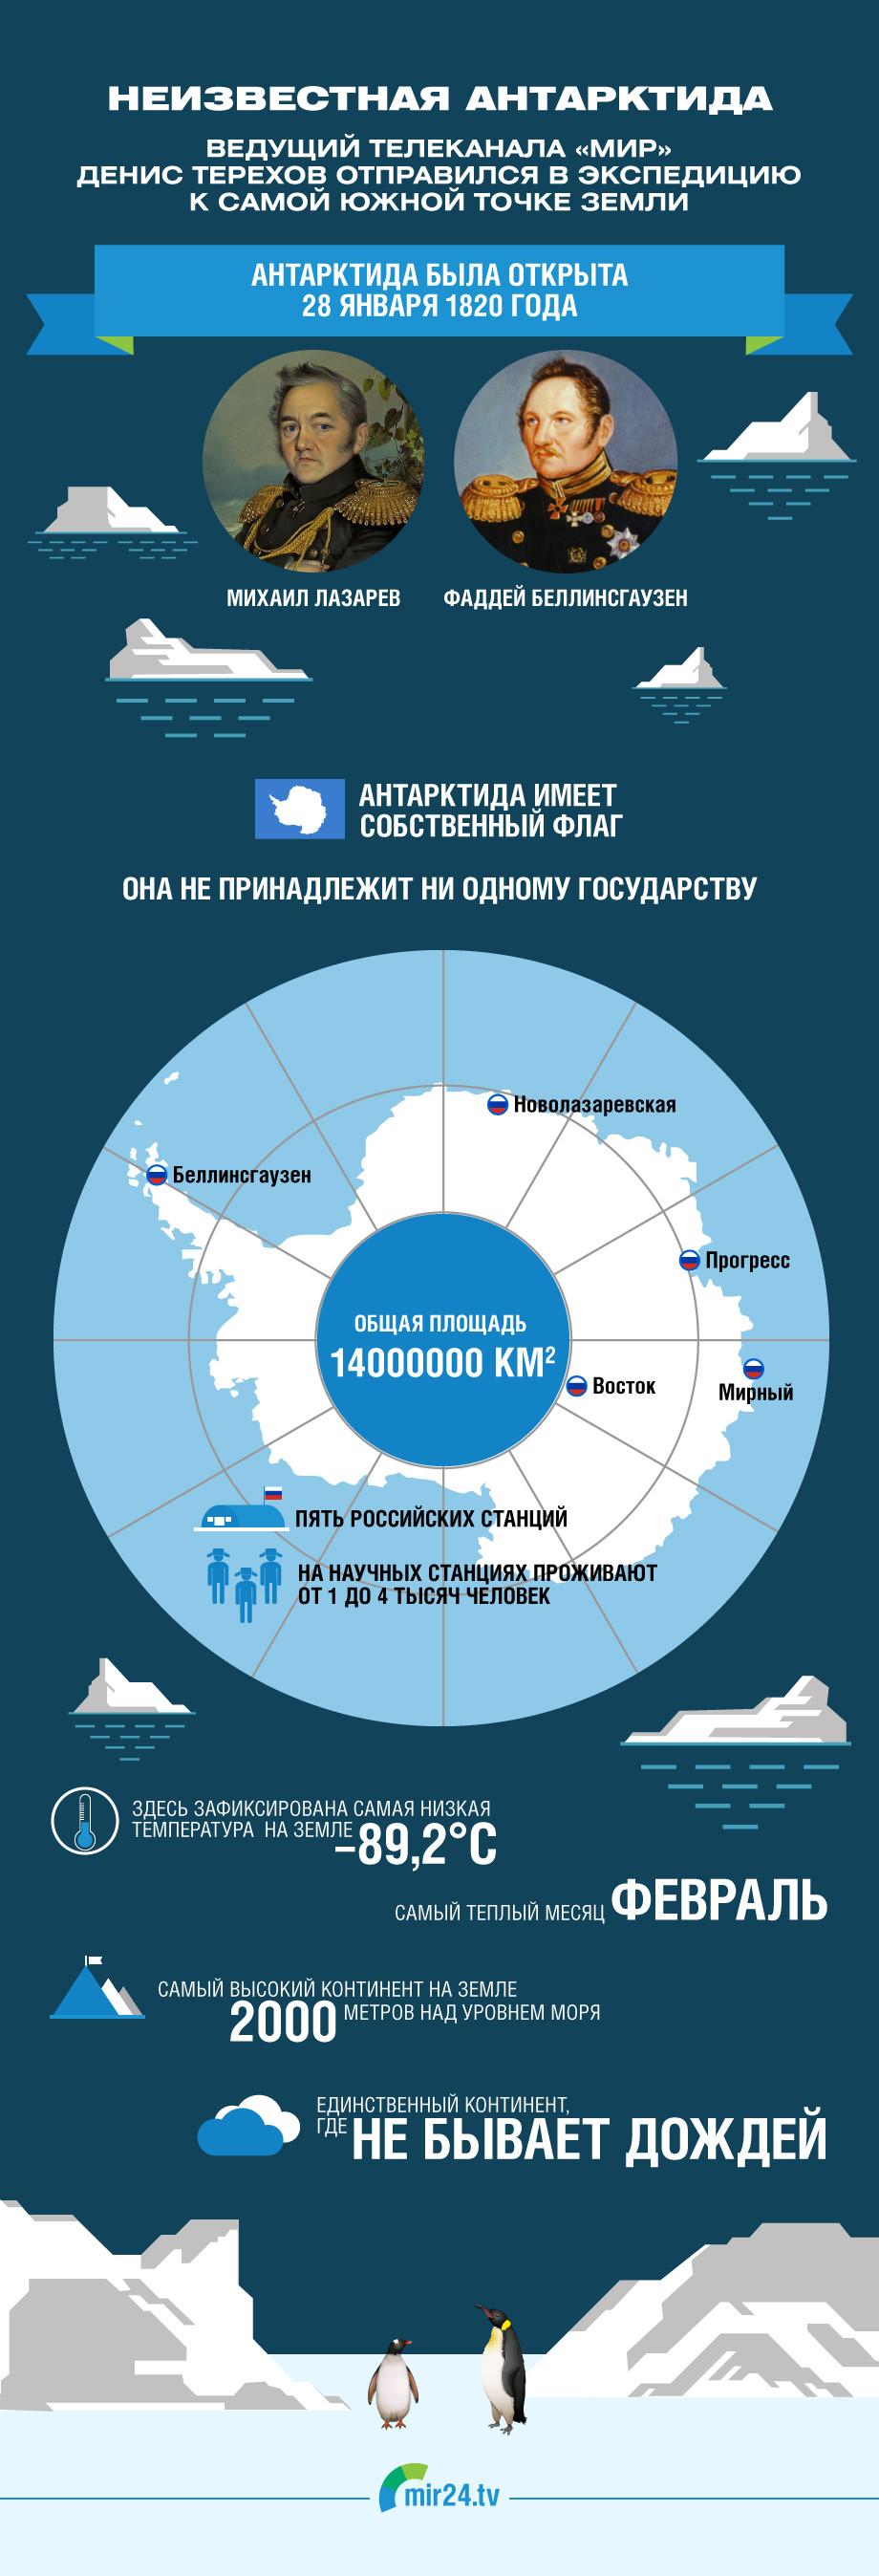 Что скрывает Антарктида? ИНФОГРАФИКА